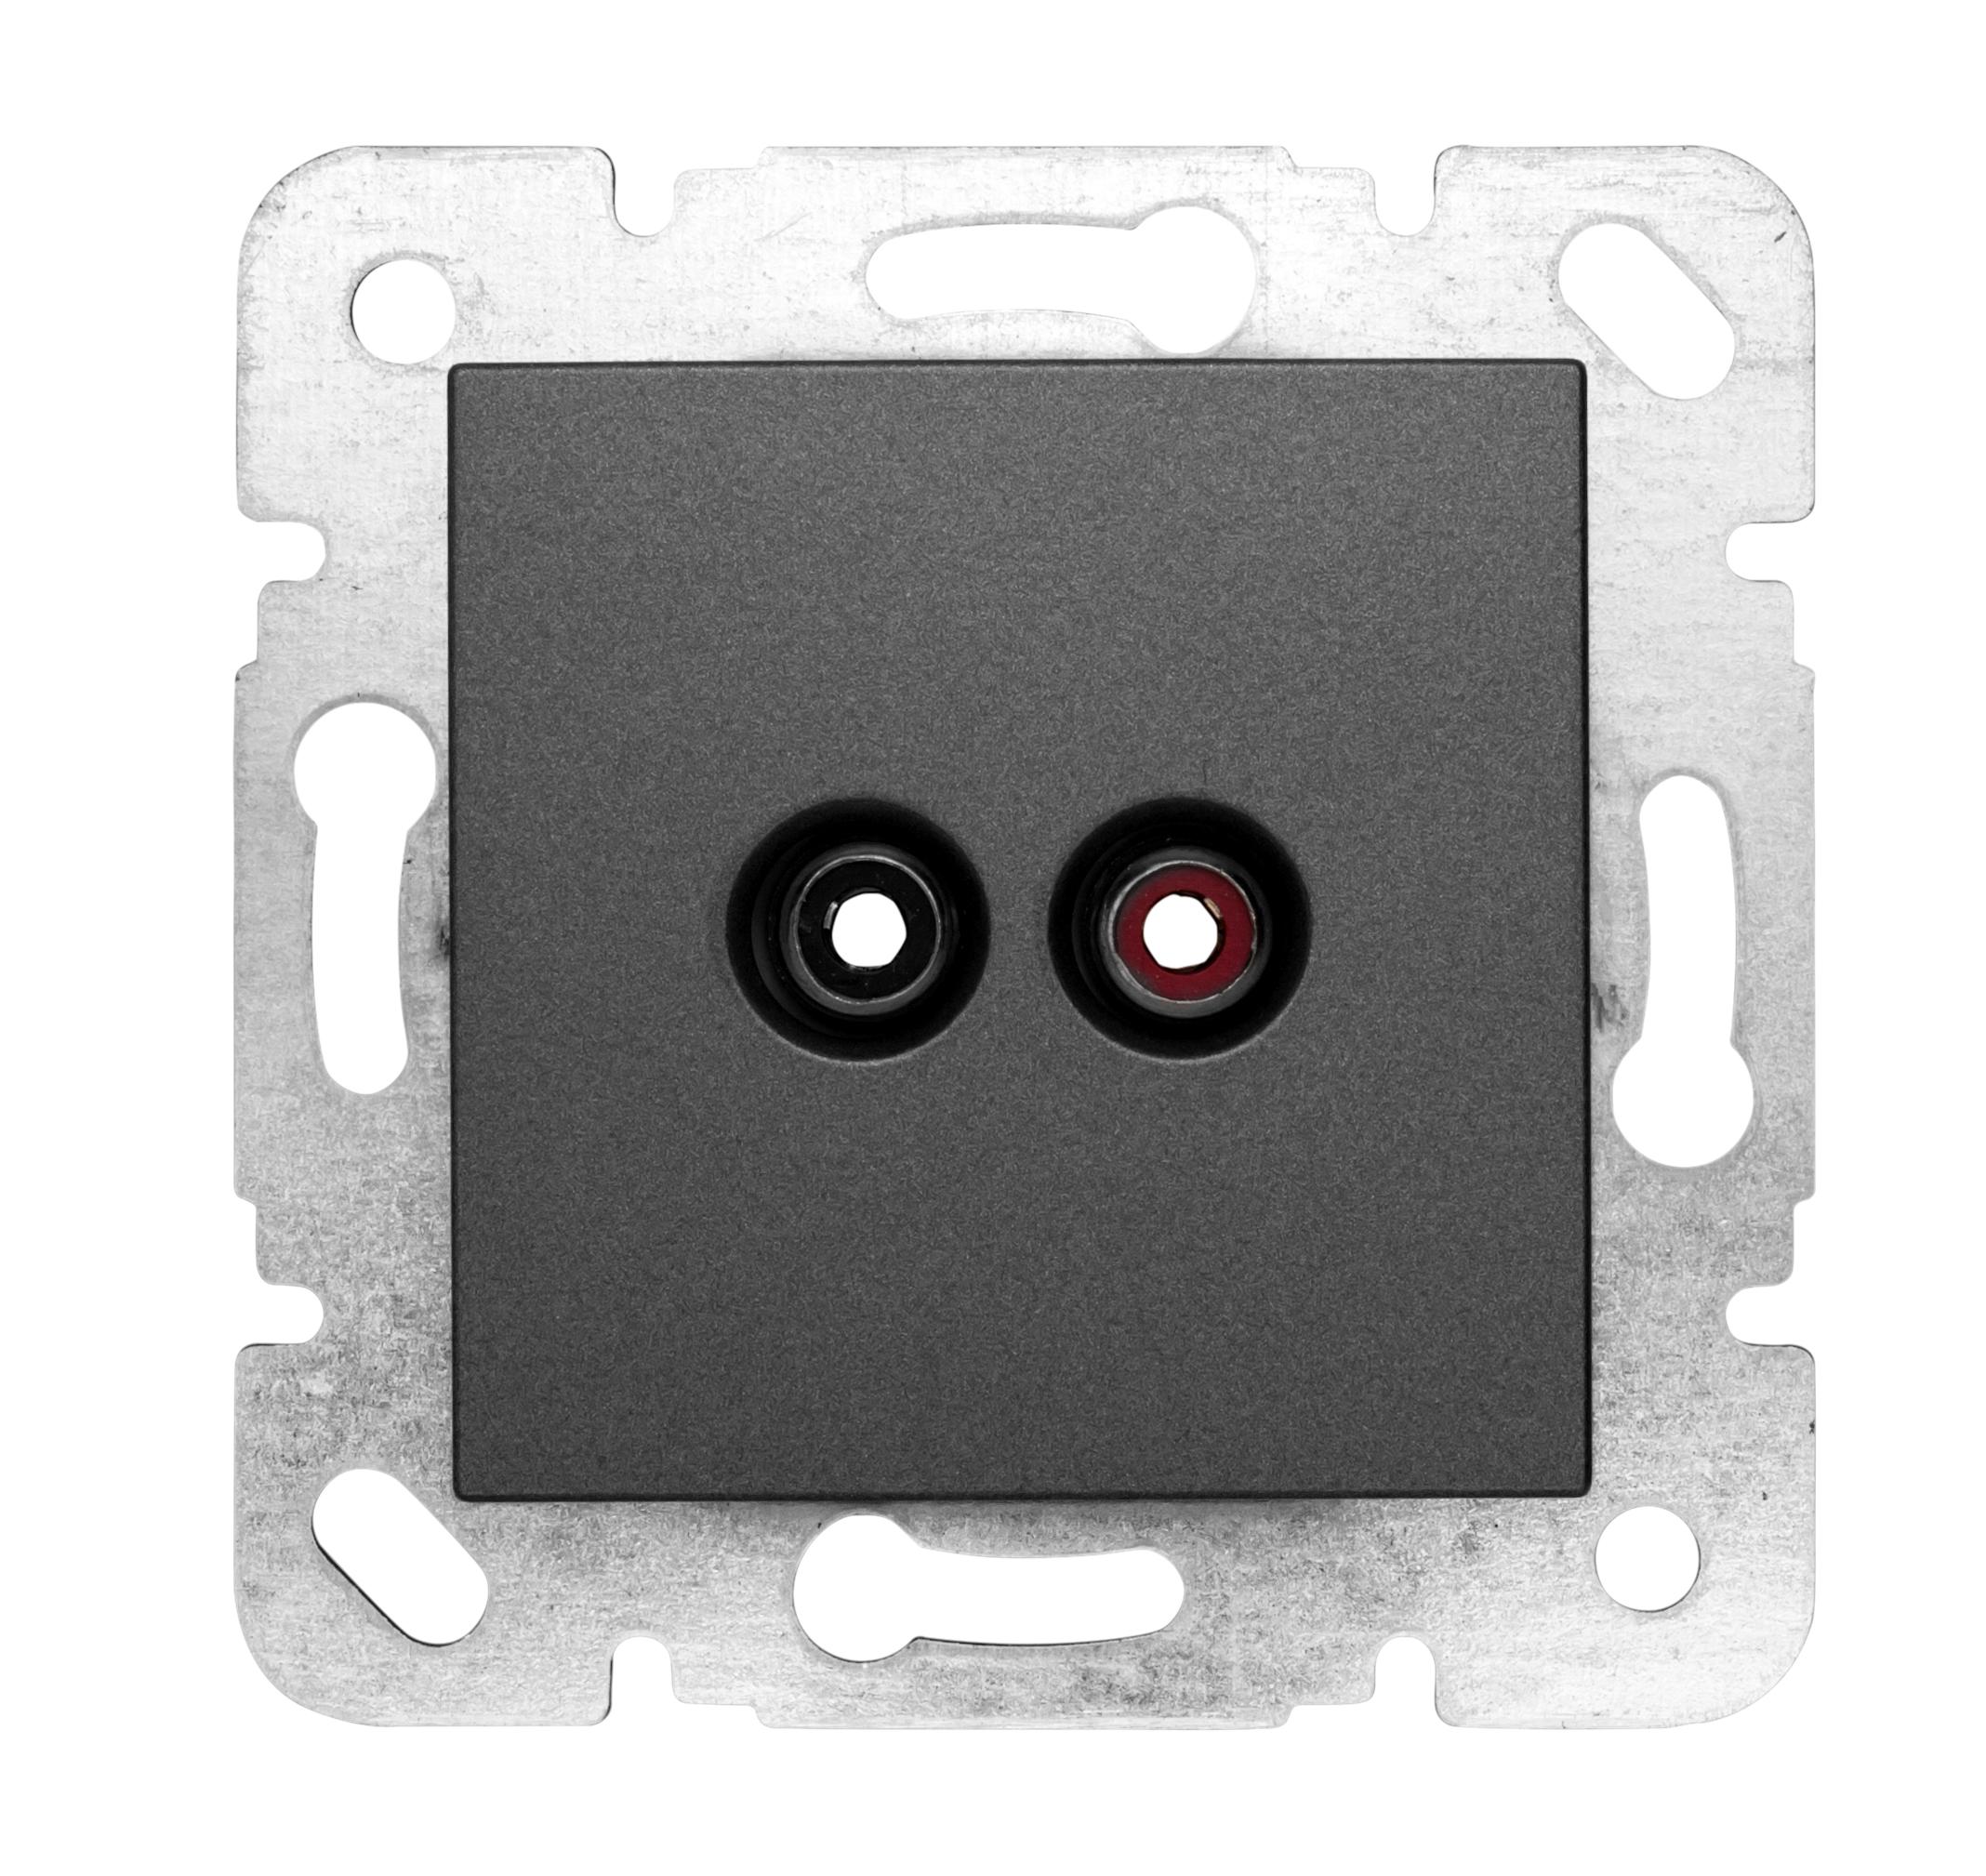 1 Stk Cinch Audiosteckdose, Schraubkontakte, anthrazit EV114008--